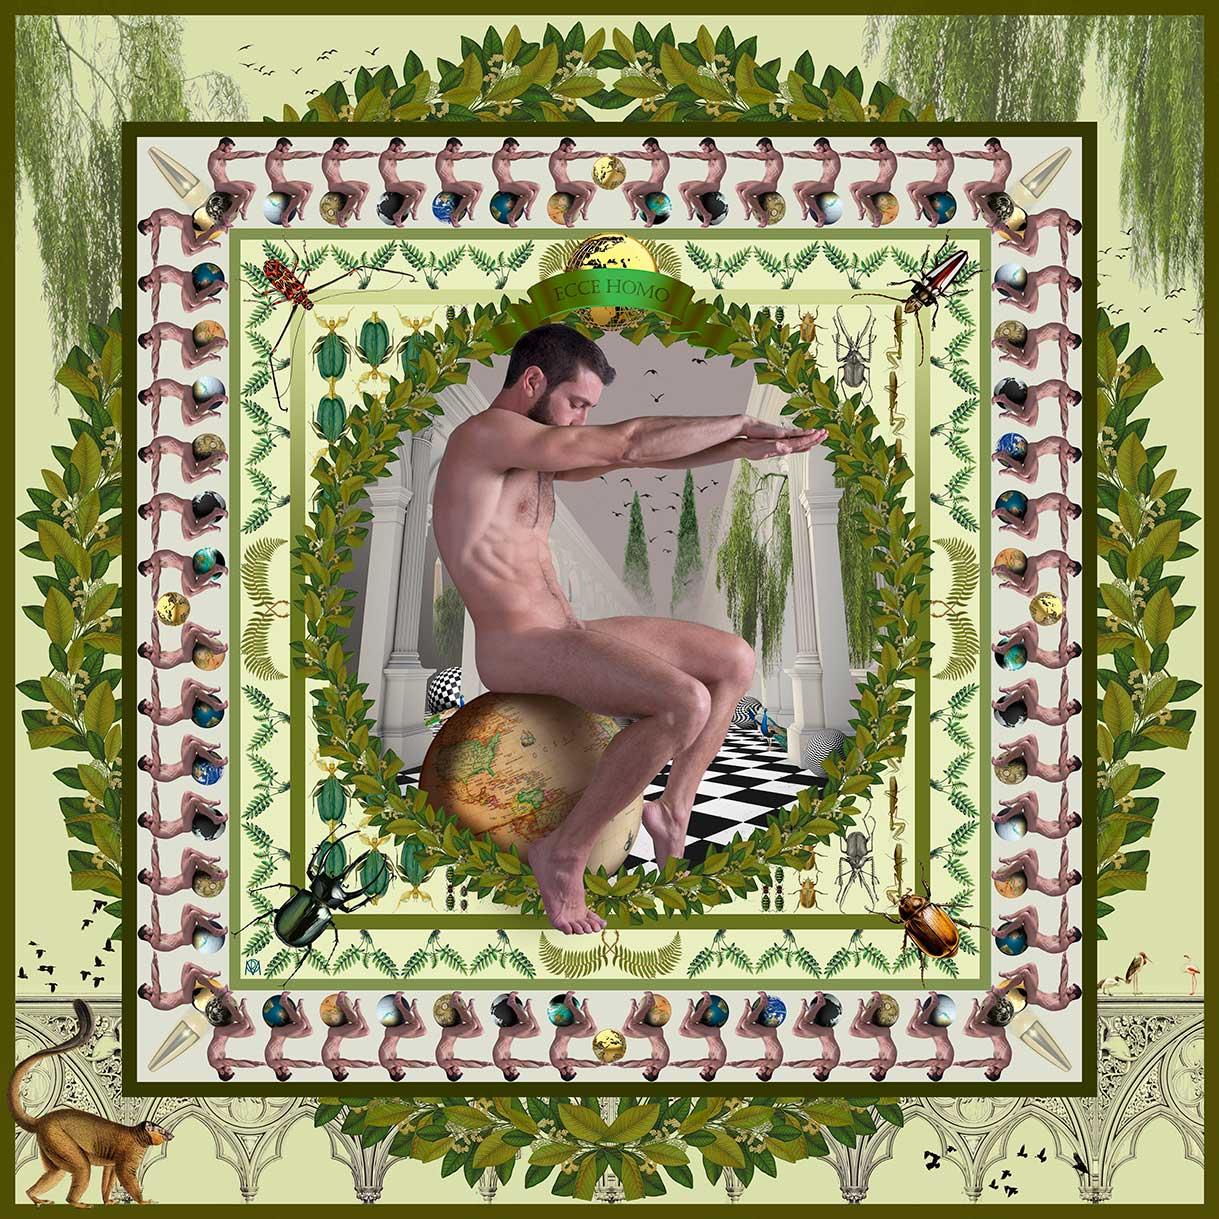 Ecce Homo by F. Bayona